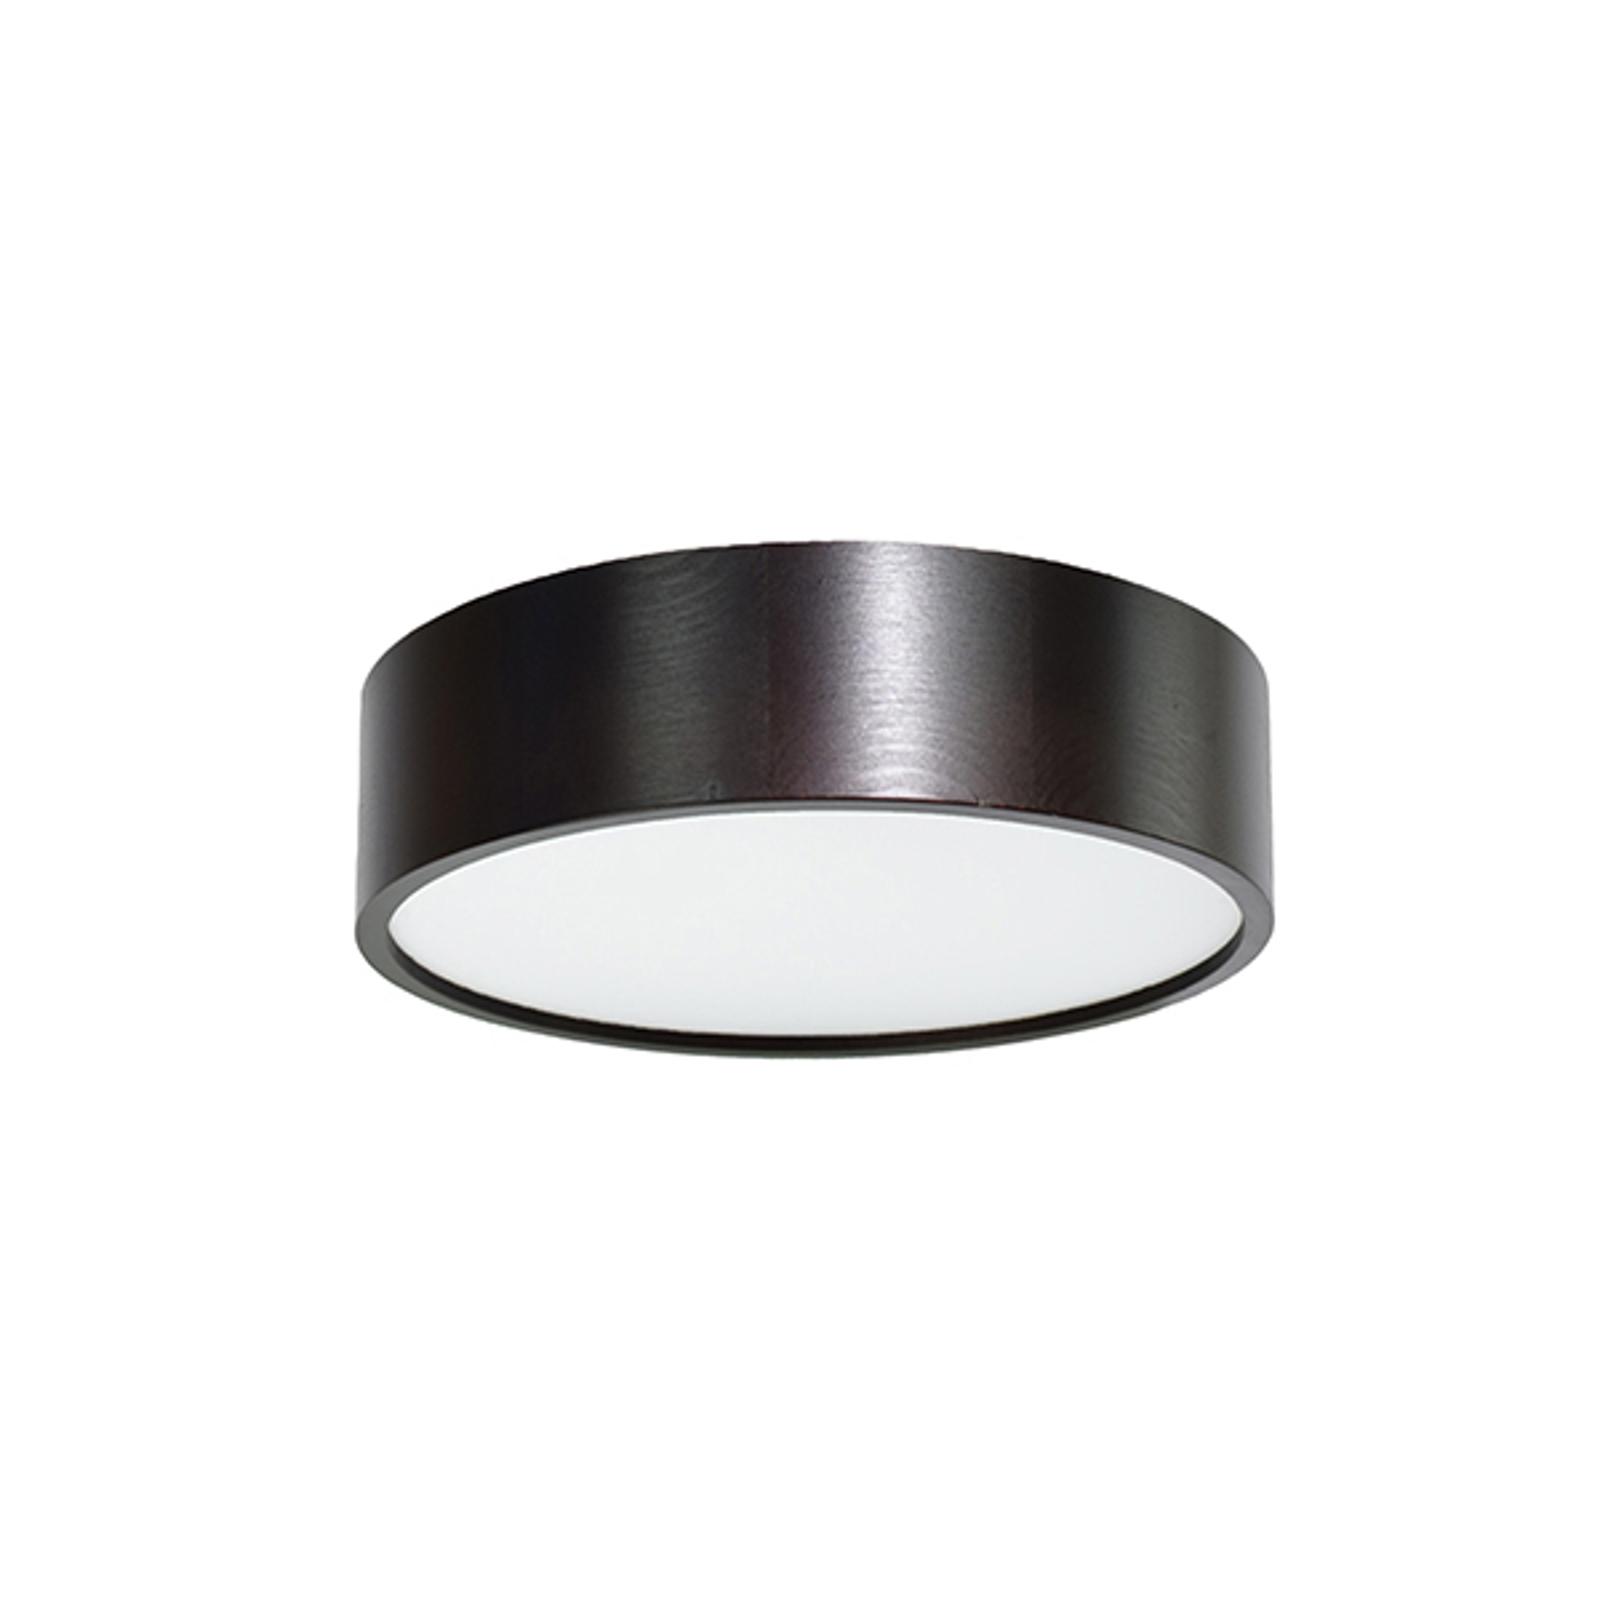 LED-Deckenleuchte Cleo, Ø 28 cm, schwarz